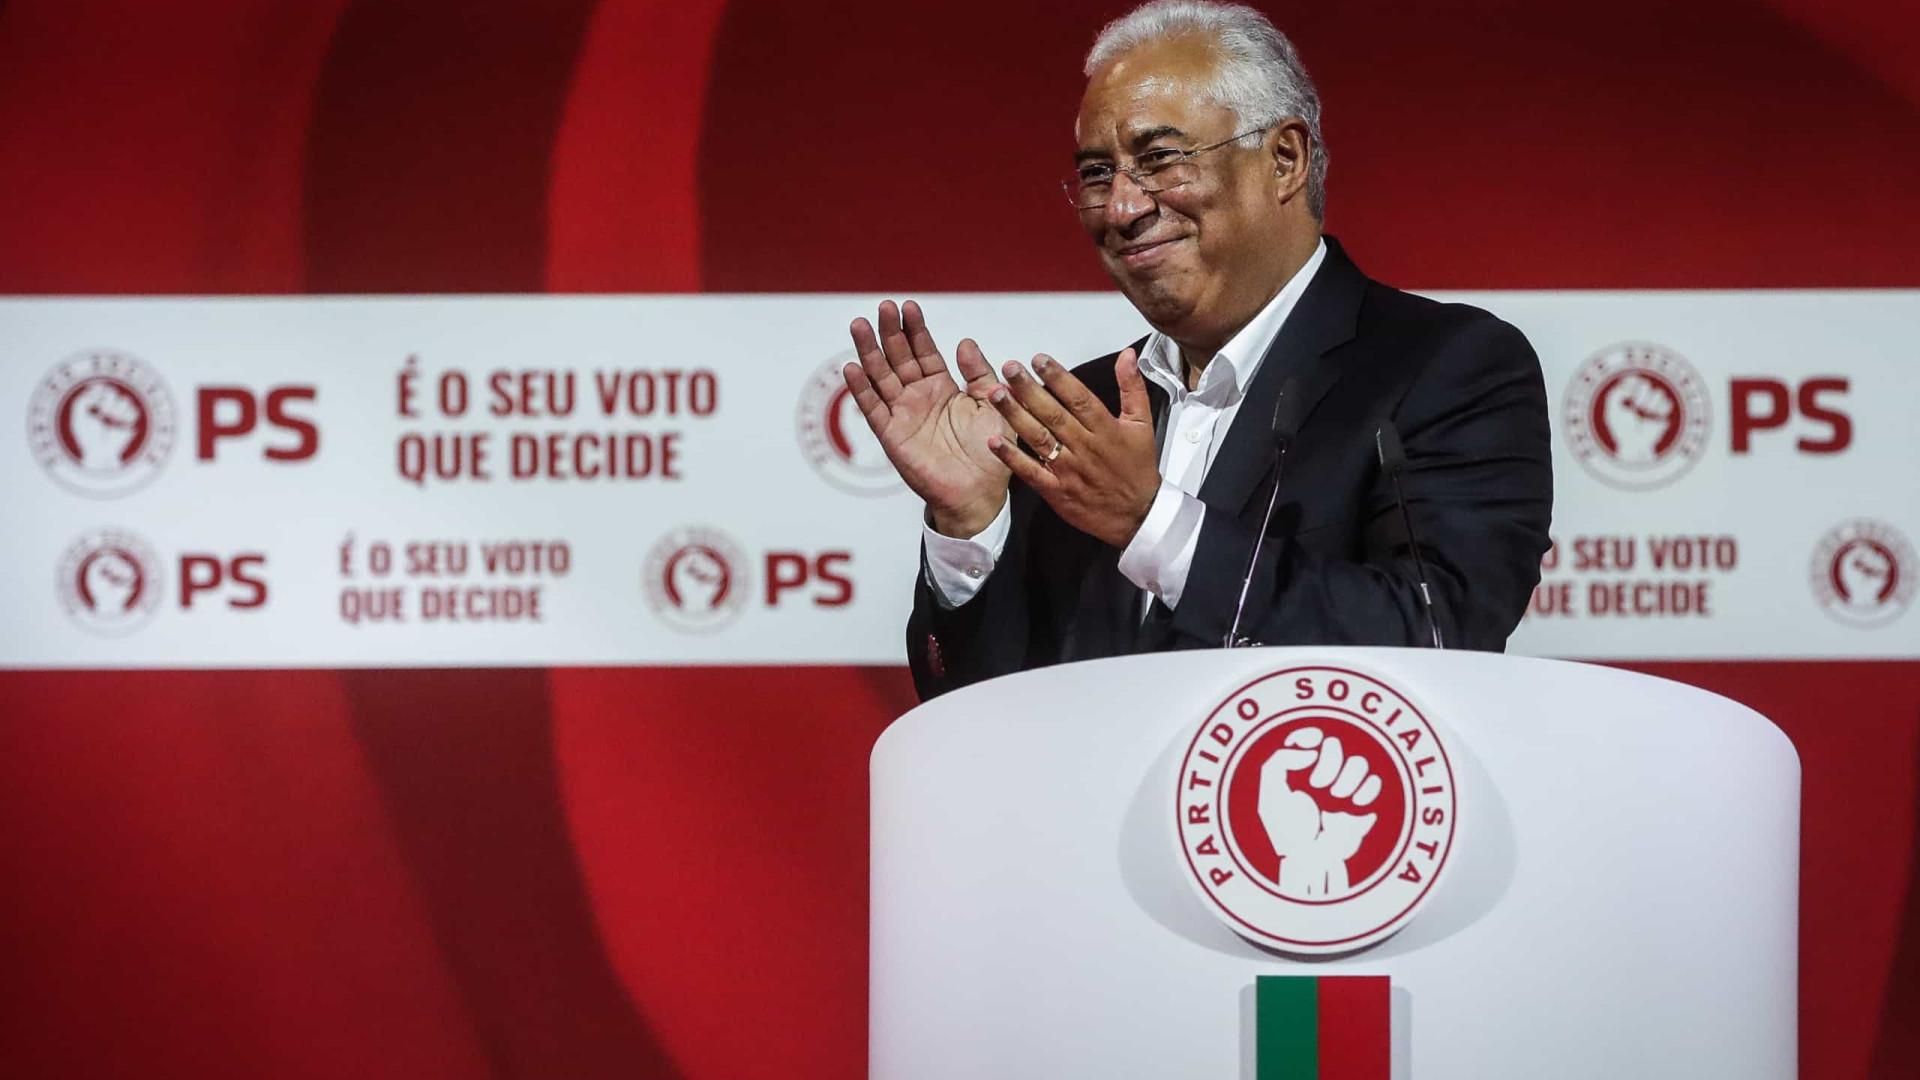 PS lidera intenções de voto e Livre perde quase metade da votação